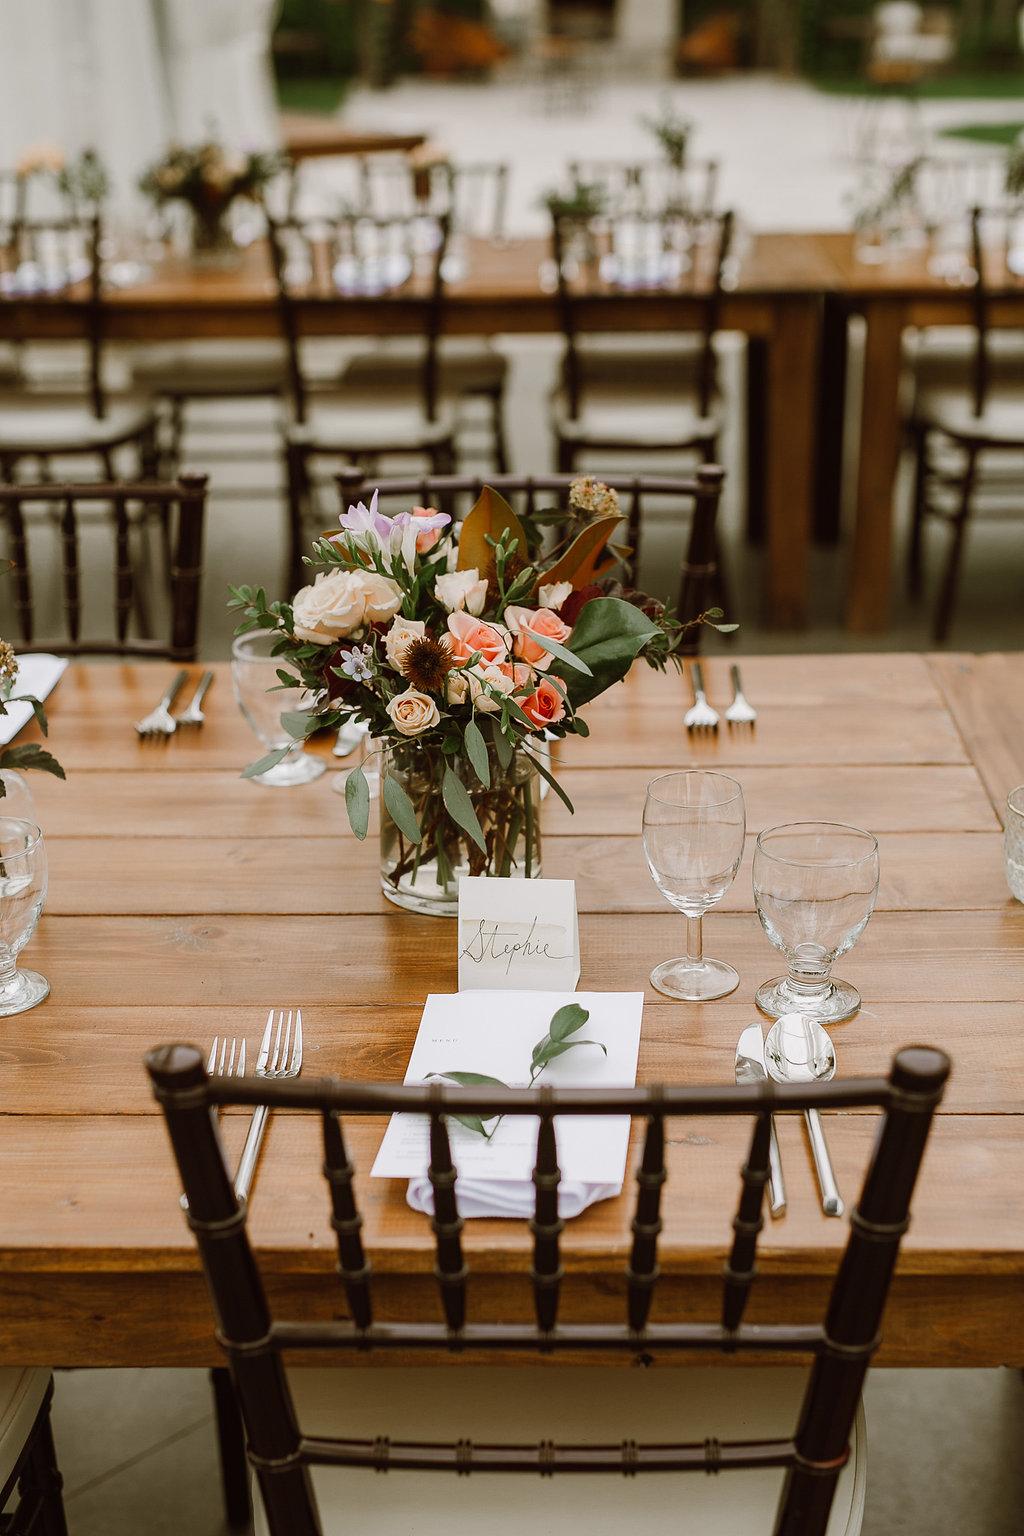 Winnipeg Wedding Florist - Garden inspired Wedding Centrepieces